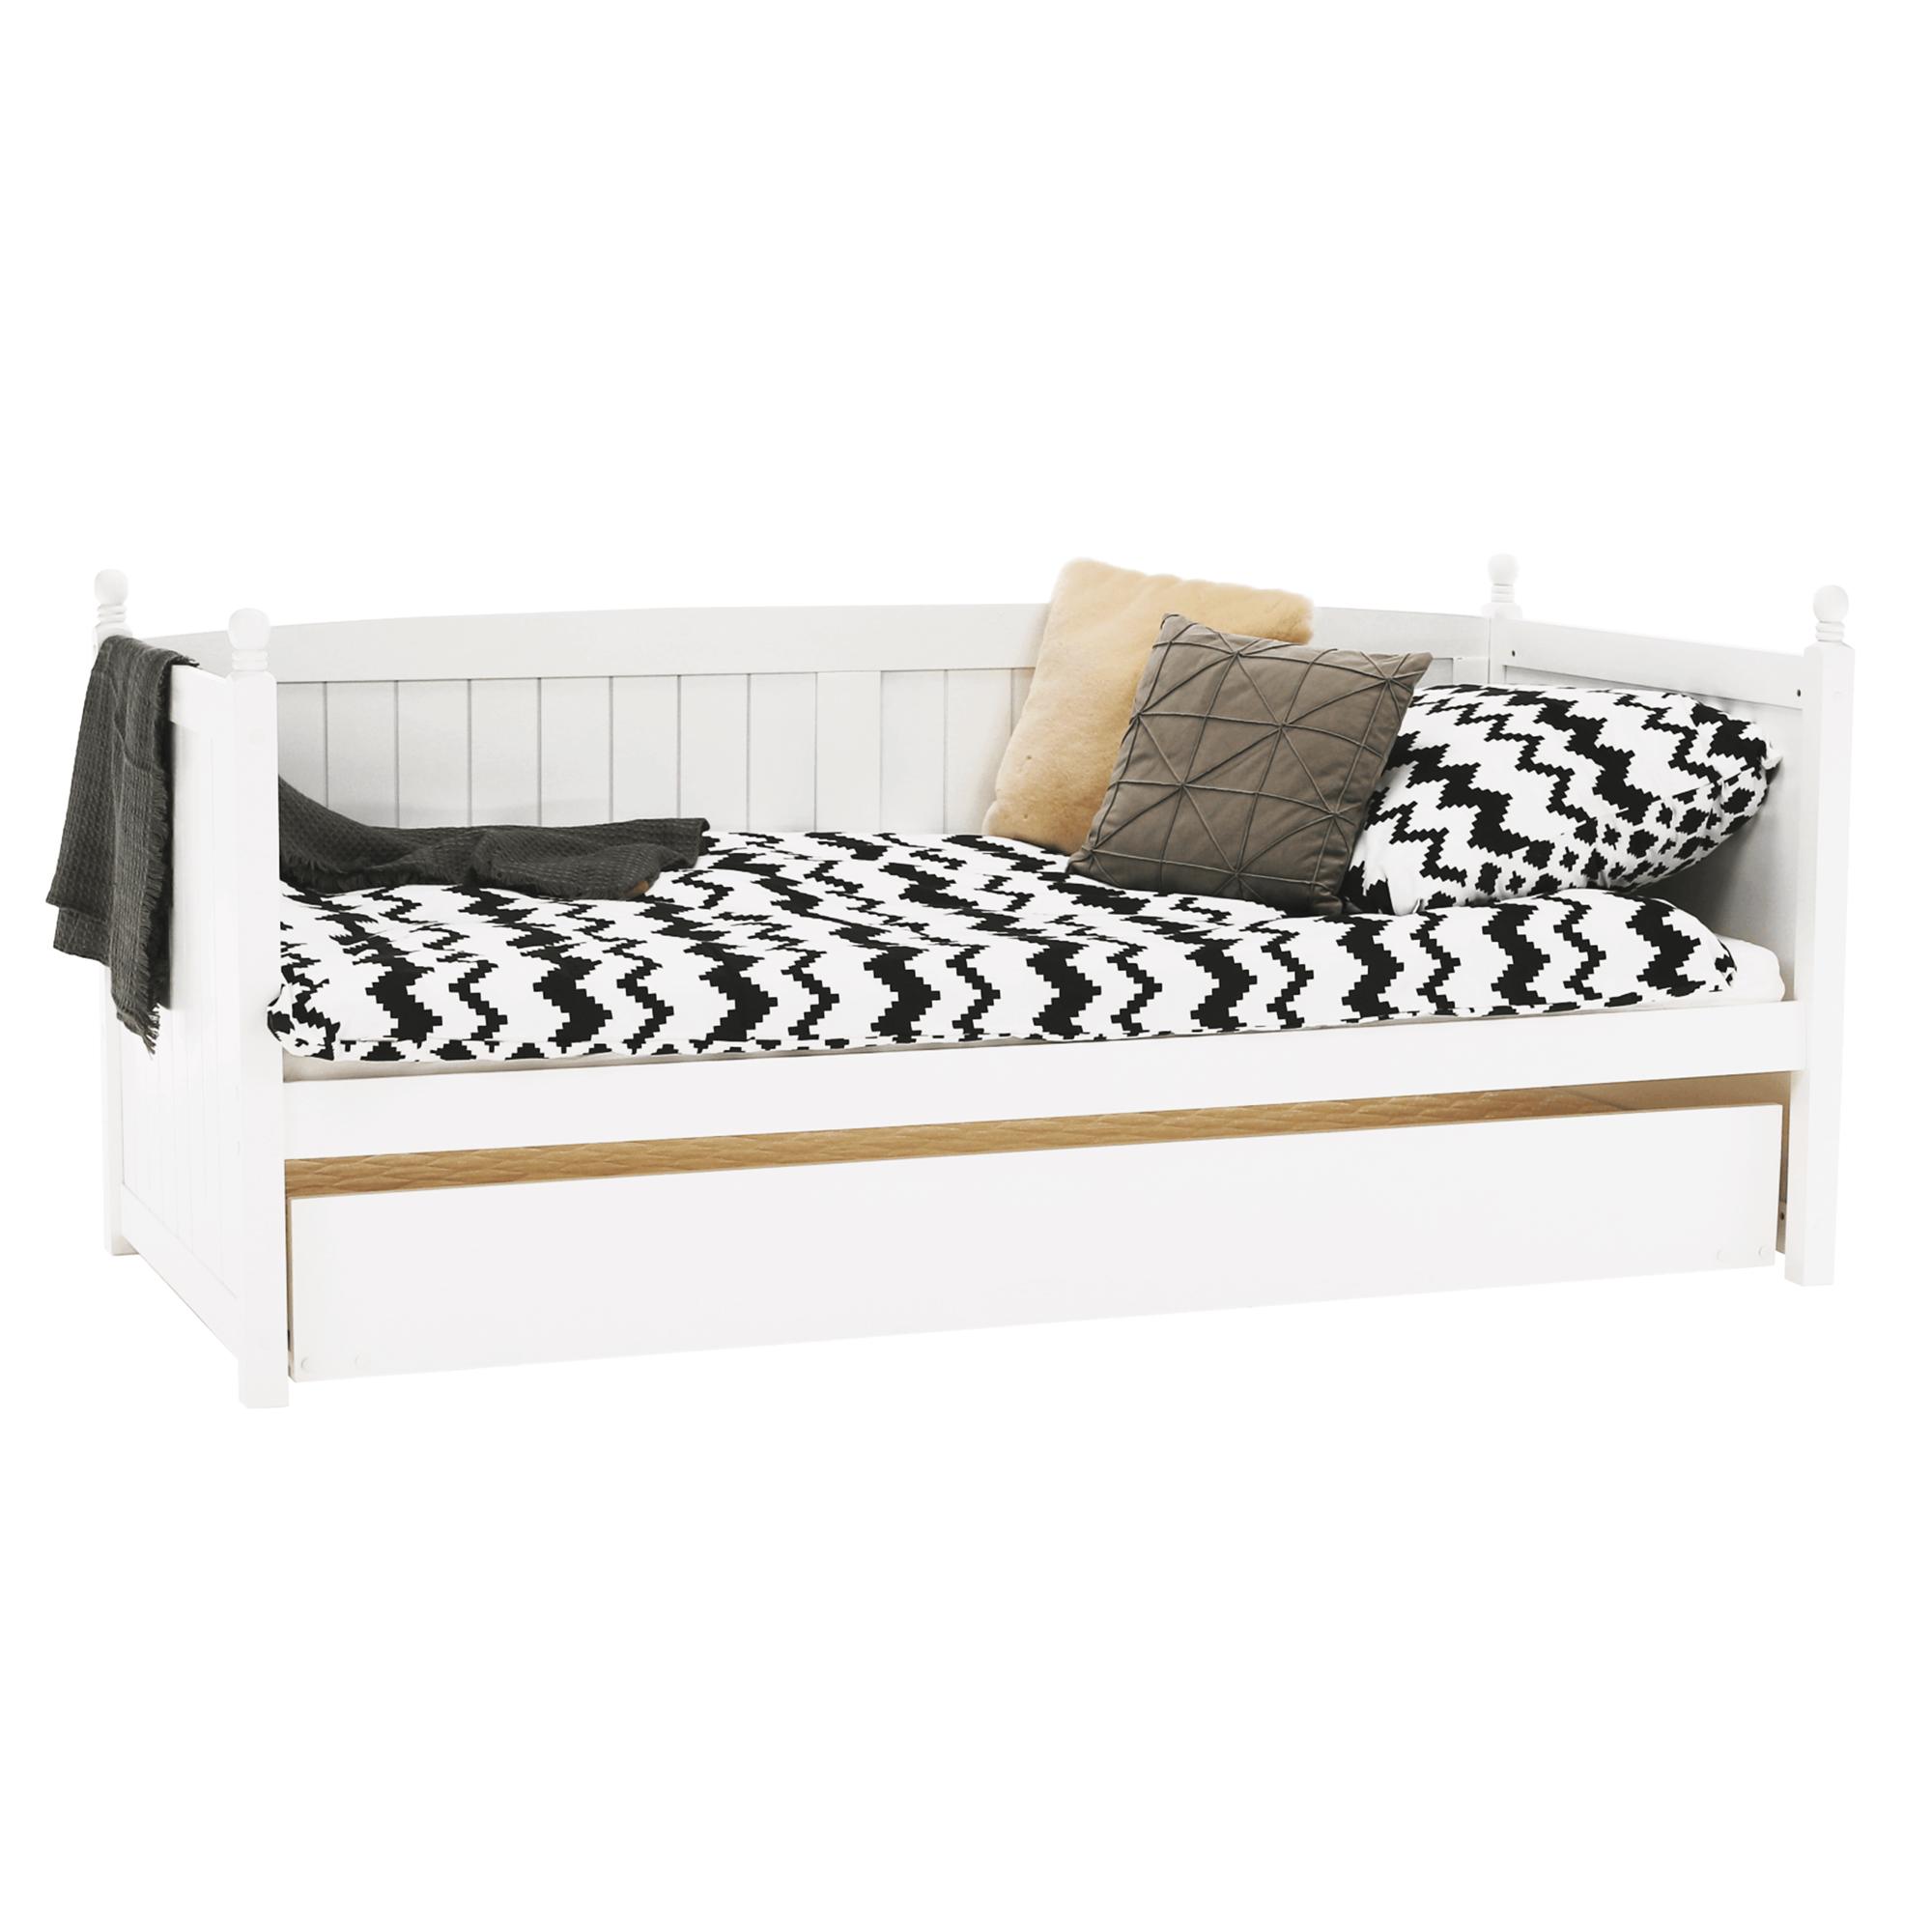 Ágy pótággyal, tűnyalábos fenyőfa, fehér, 90x200, GLAMIS